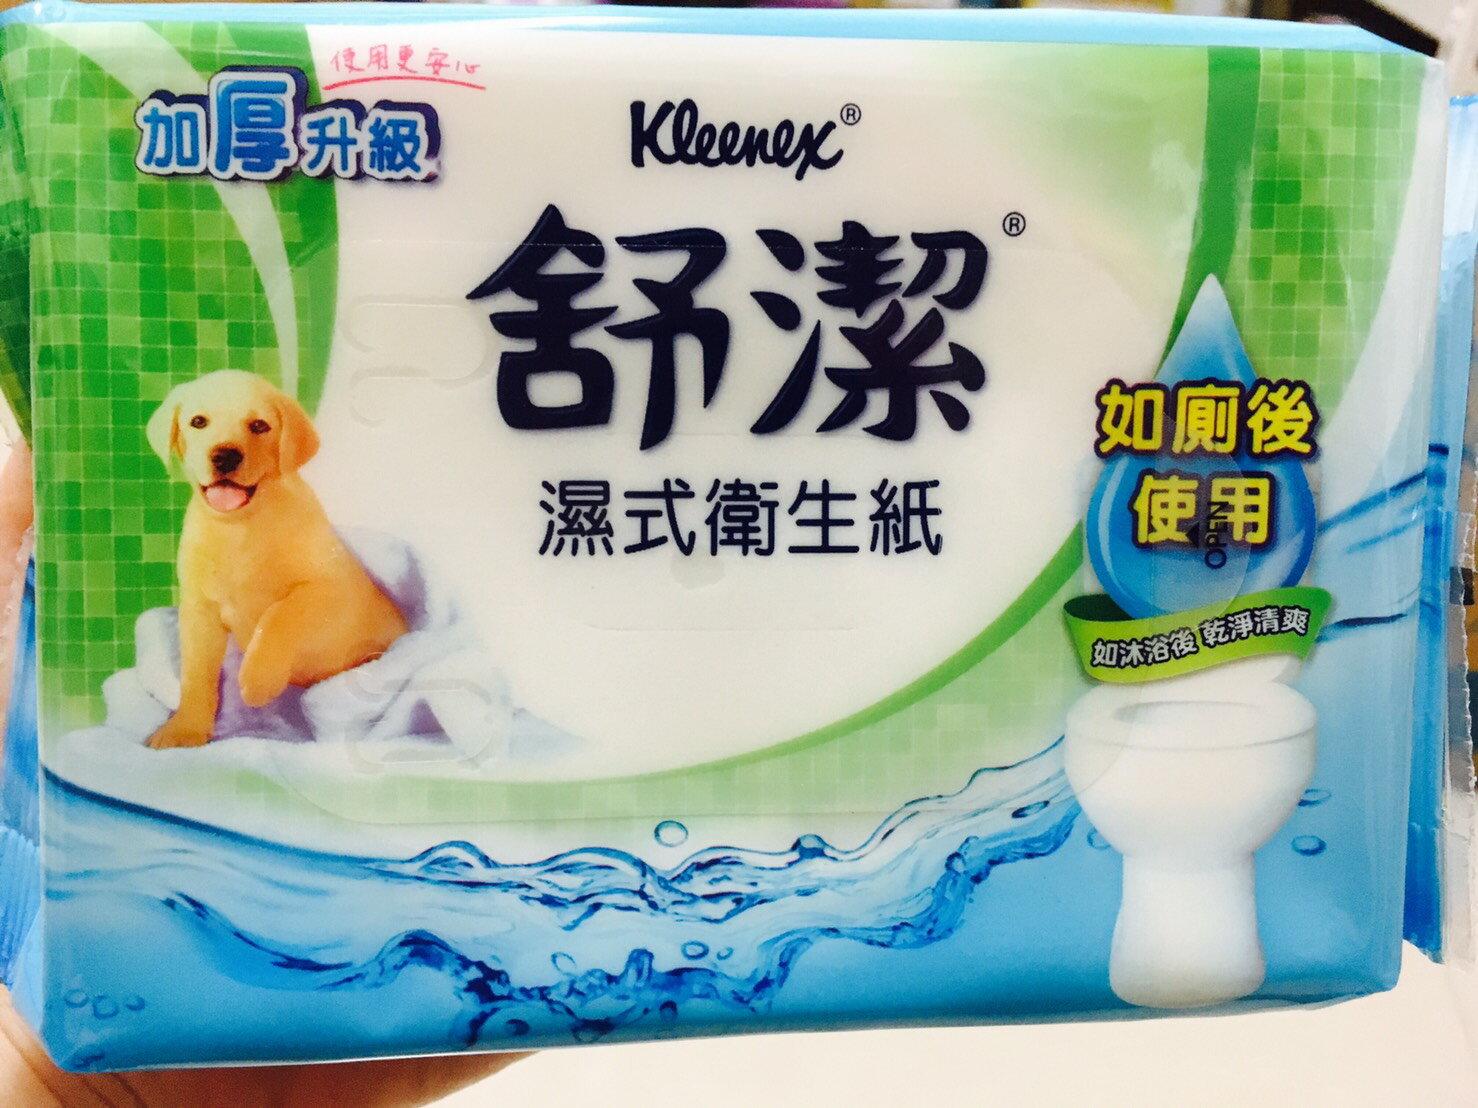 ?含發票?團購價?舒潔濕式衛生紙(40抽)?可丟入馬桶中沖散?給你如浴後的乾淨清爽?加厚升級?